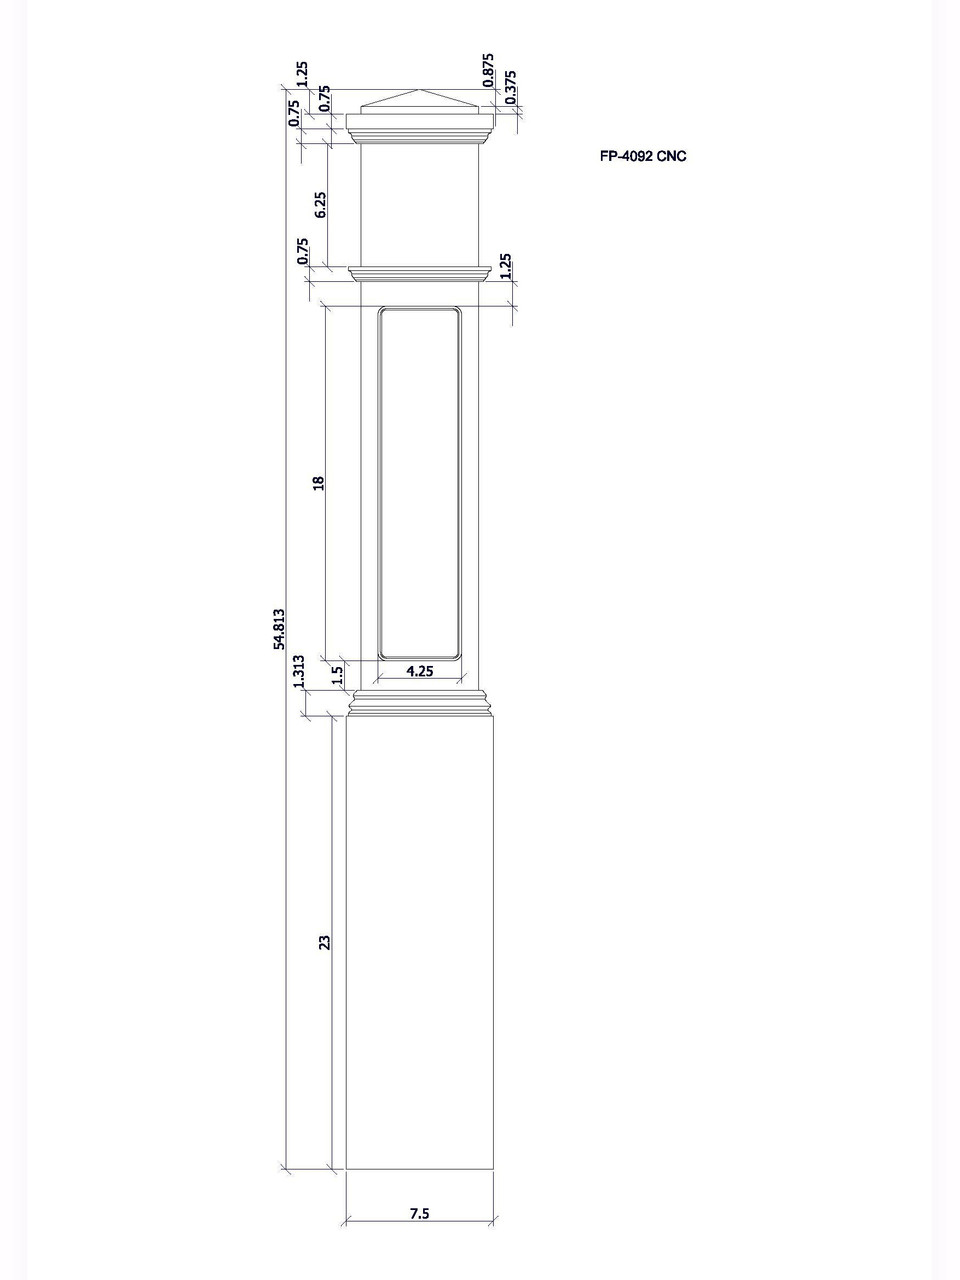 FP-4092 CNC Flat Panel Box Newel Post, CADD Image